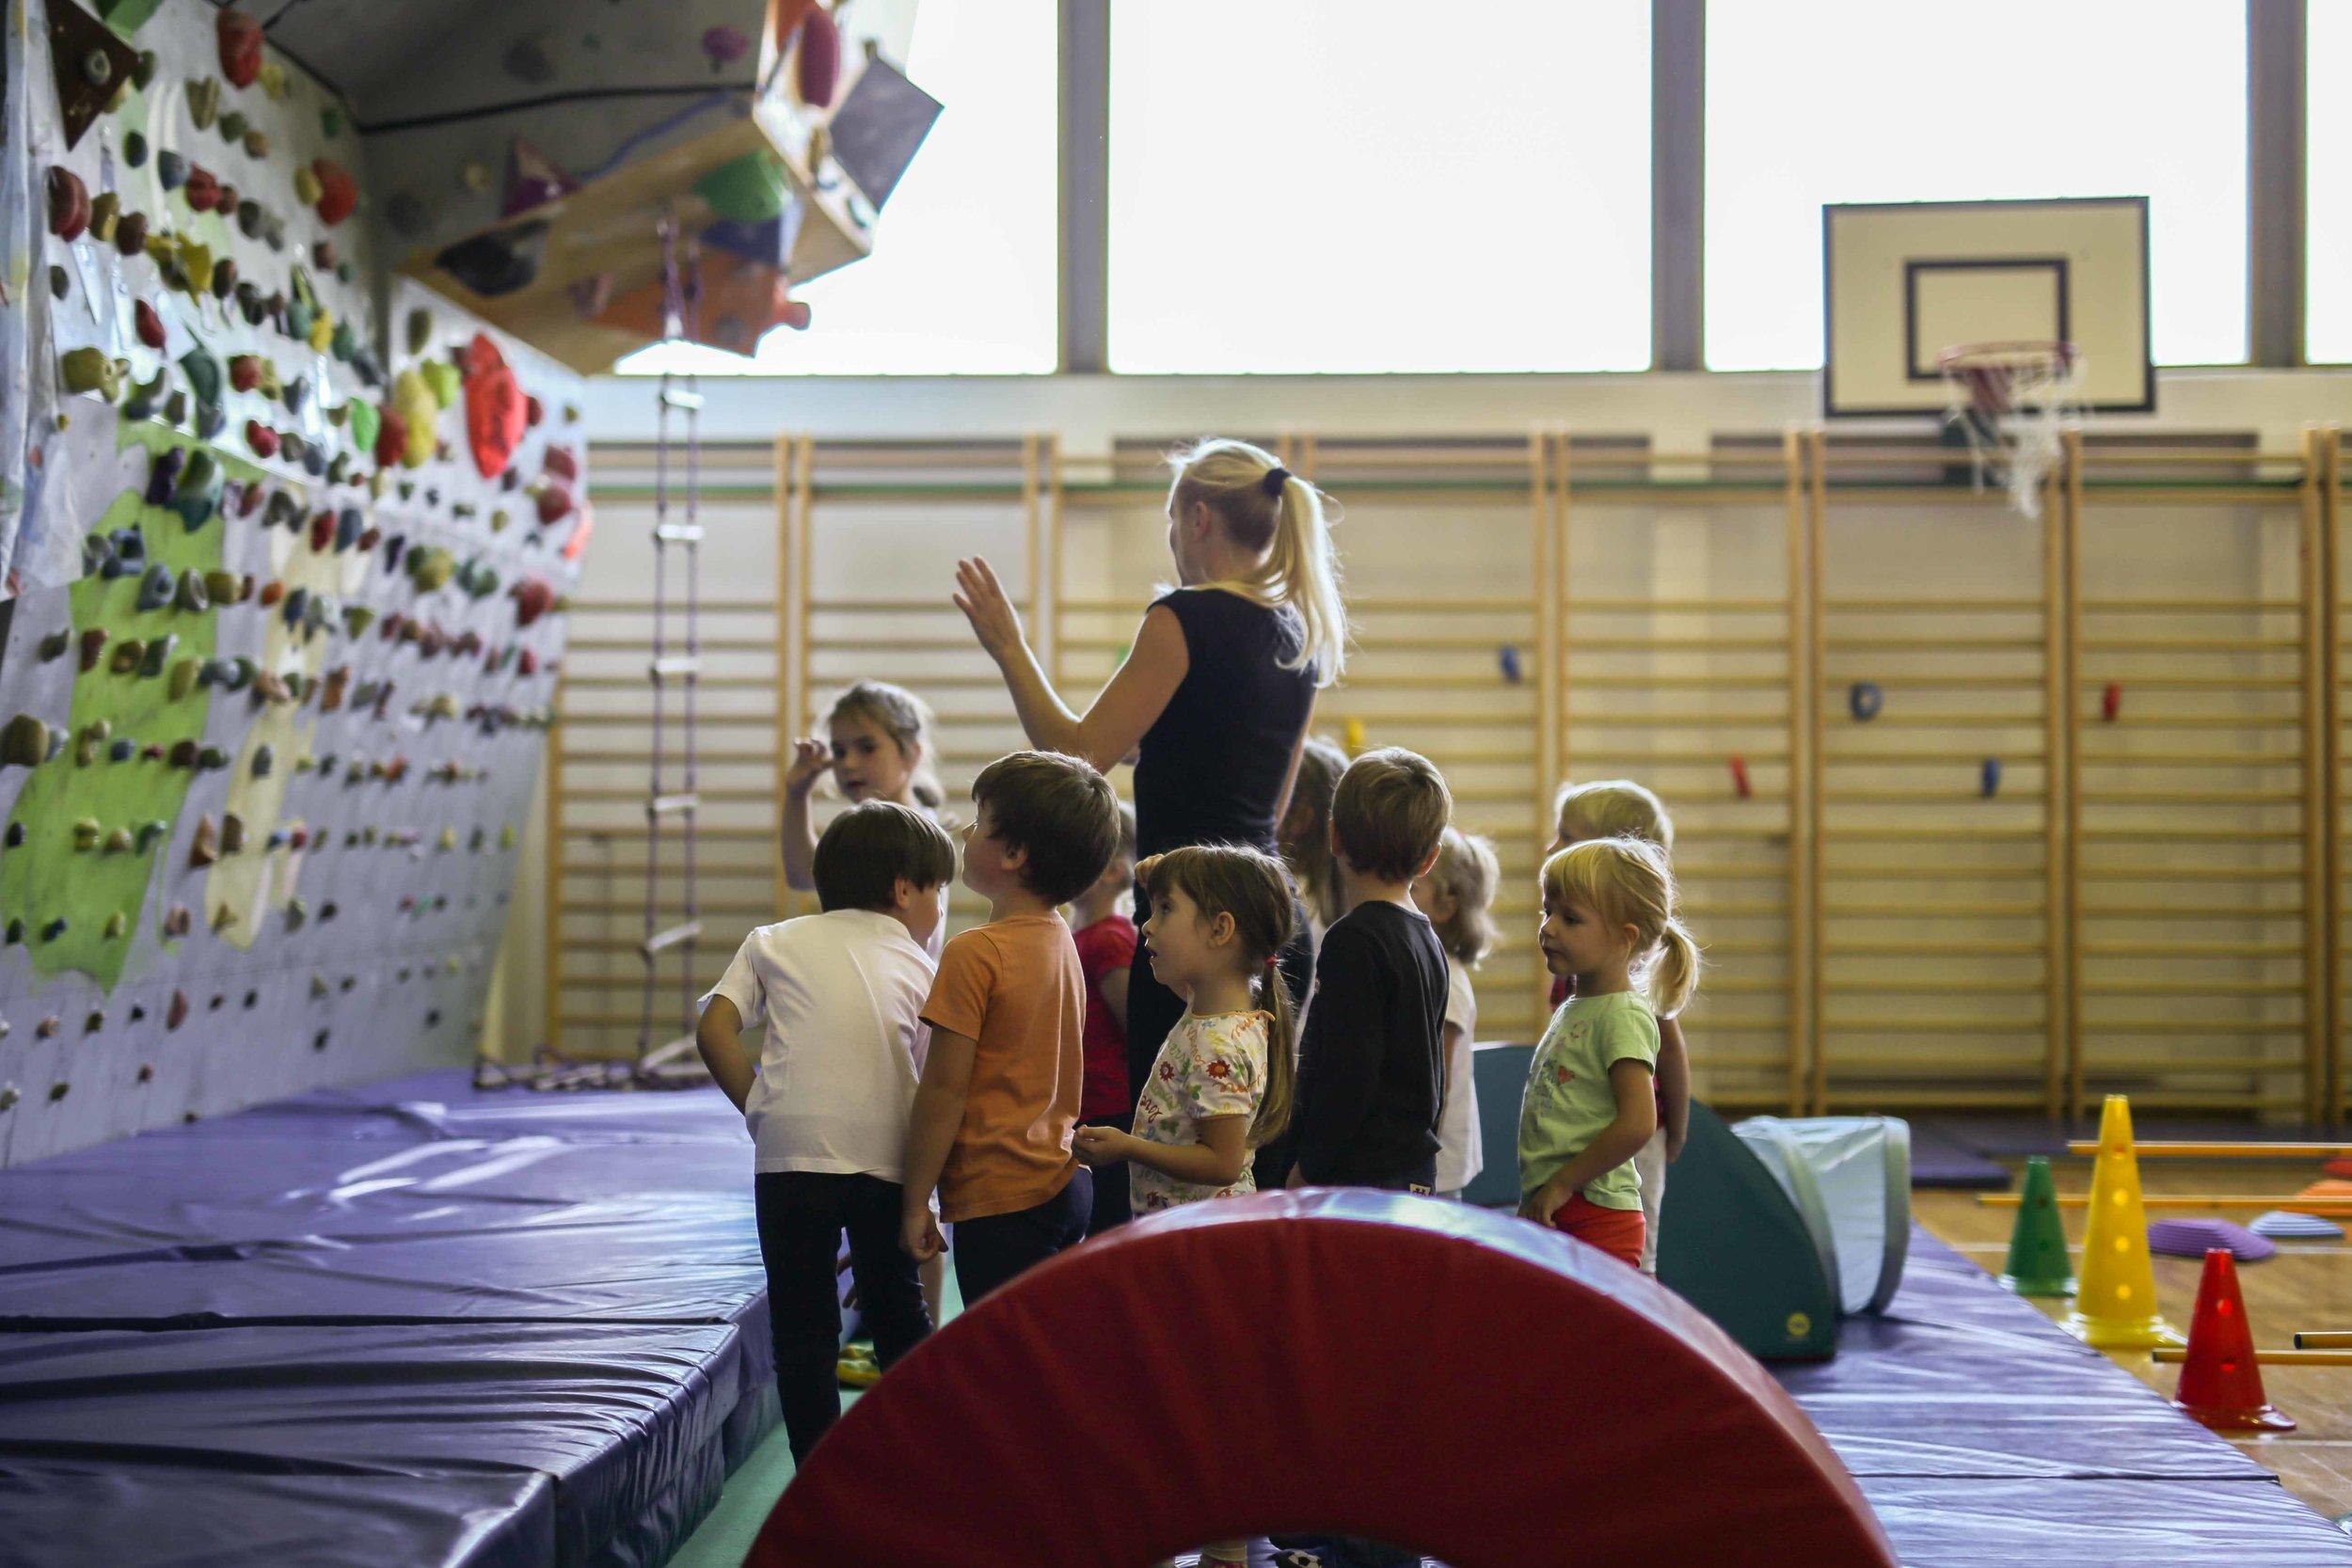 Plezanje za predšolske otroke Brezovica.jpg